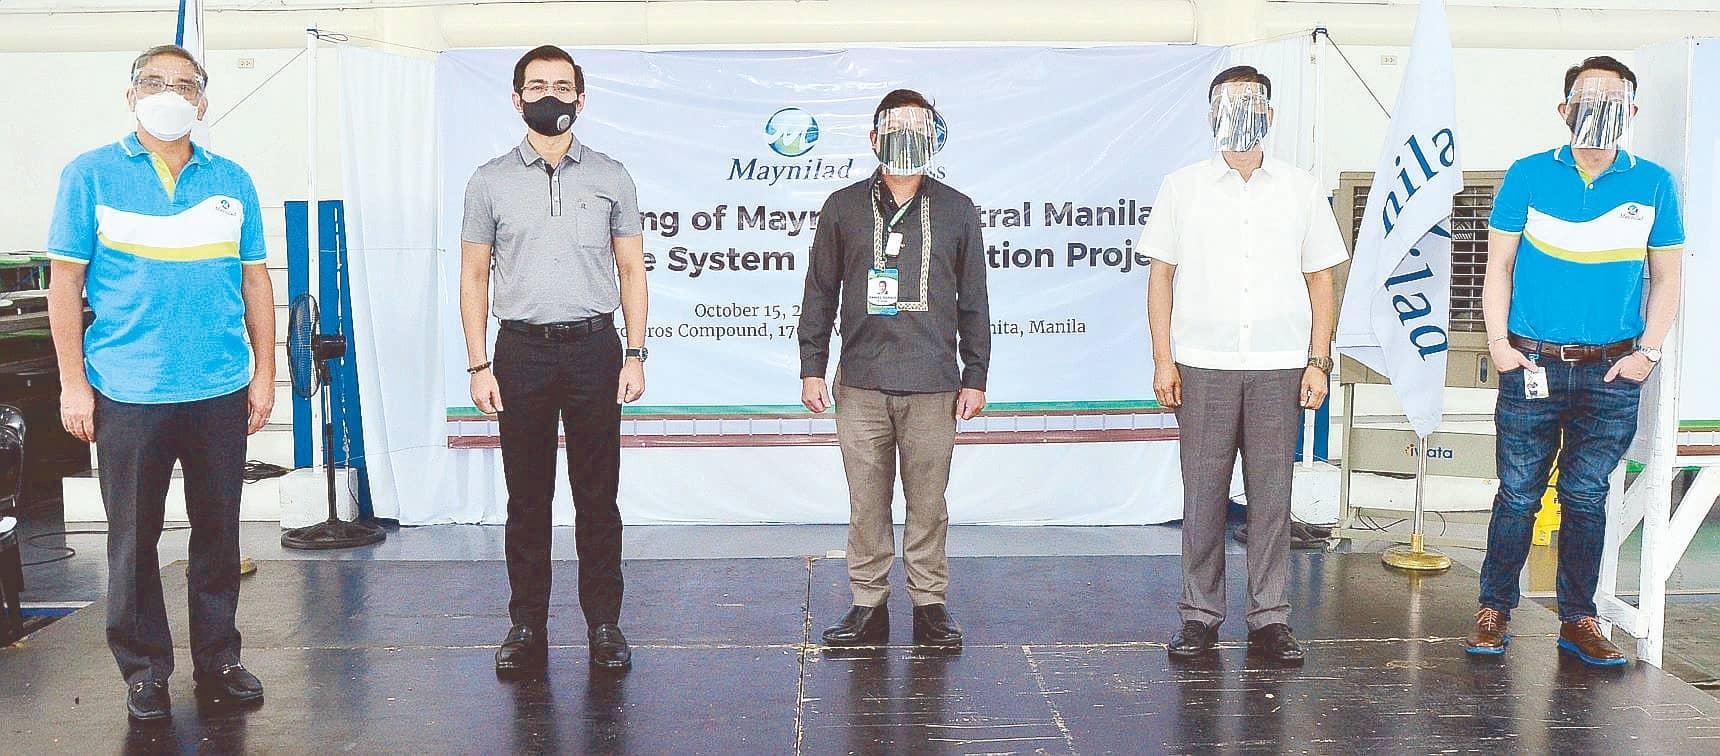 Maynilad Starts Manila Sewerage Rehab Project